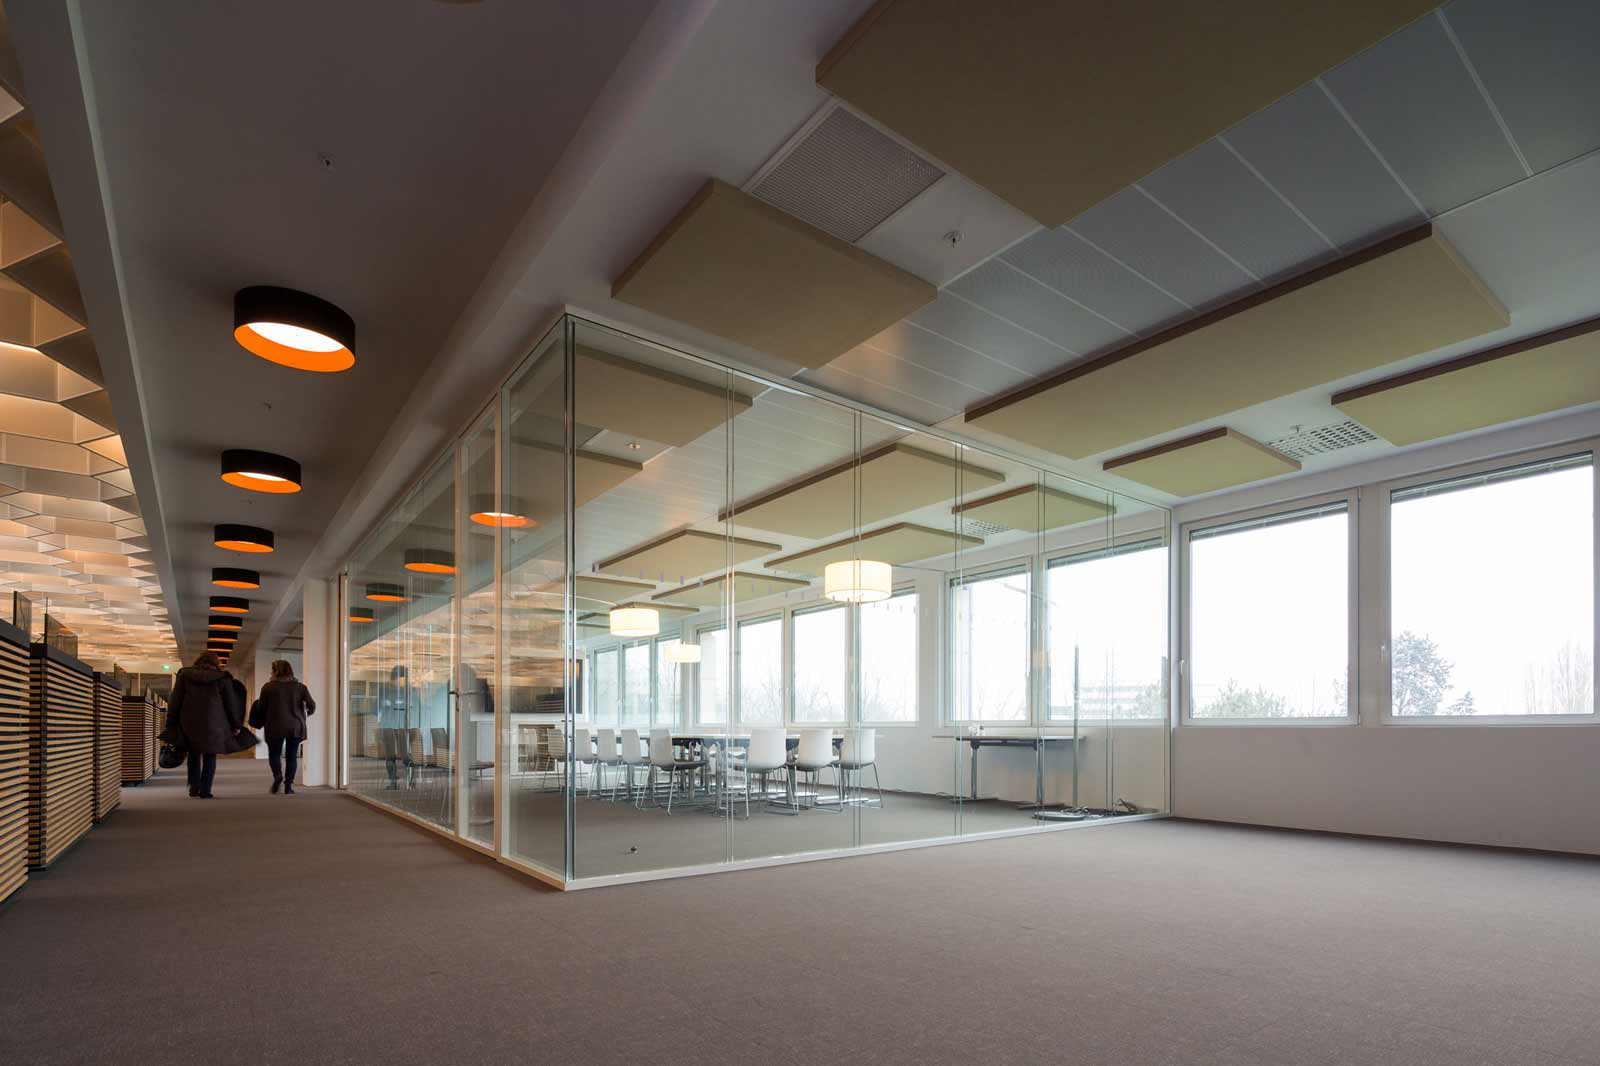 Salle de réunion Ouest France - Panneaux acoustiques - cloisons amovibles bord à bord